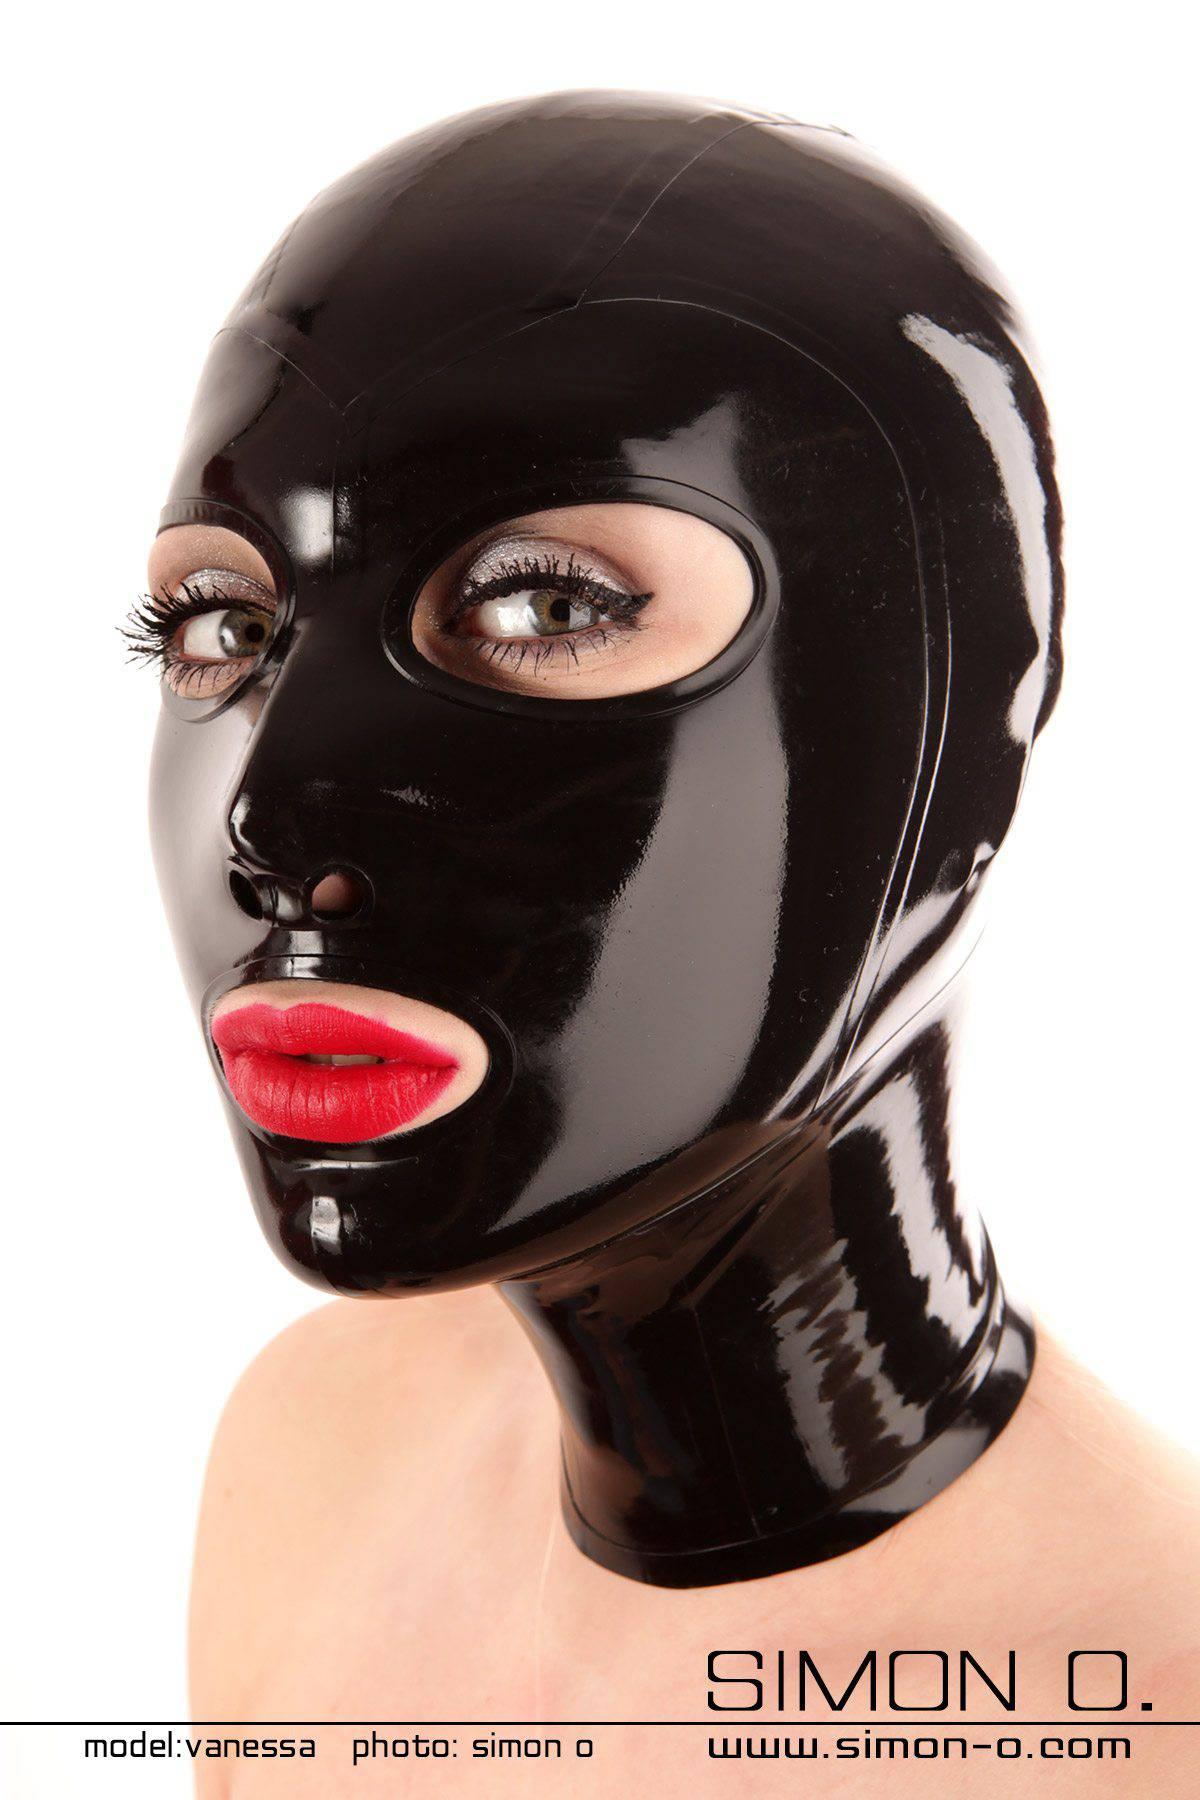 Eine schwarze glänzende Latex Maske mit eingefassten runden Mund und Augen Öffnungen